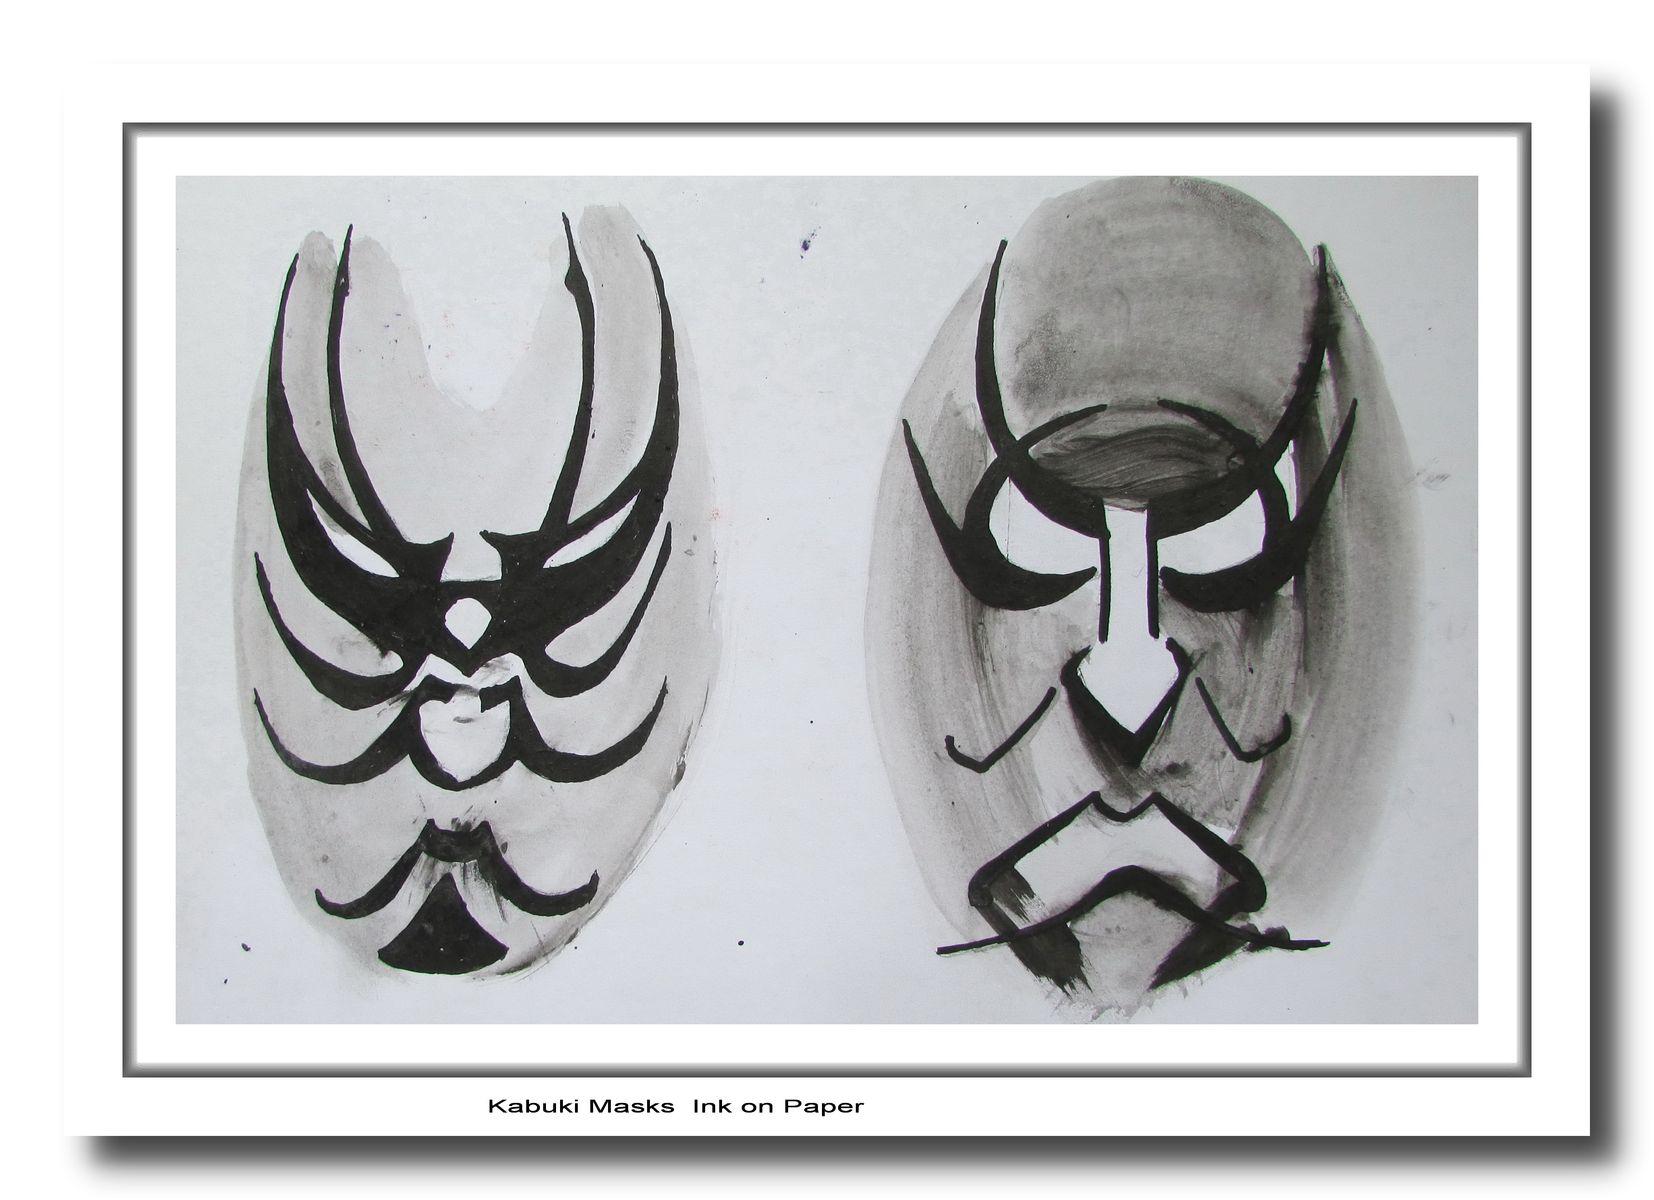 Kabuki Masks